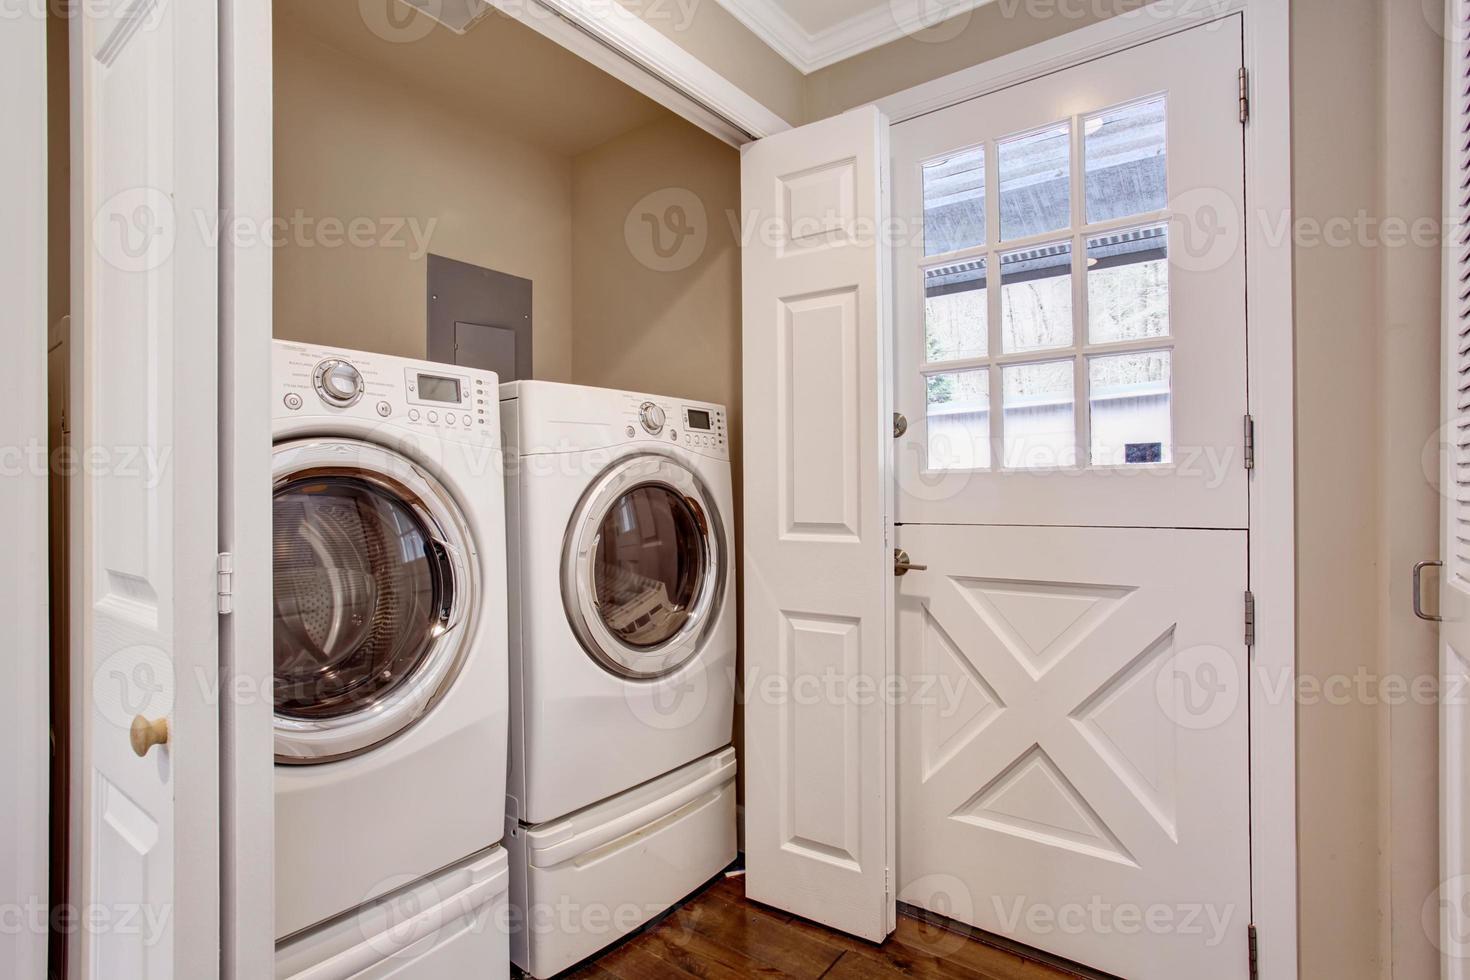 piccola zona lavanderia con lavatrice e asciugatrice. foto